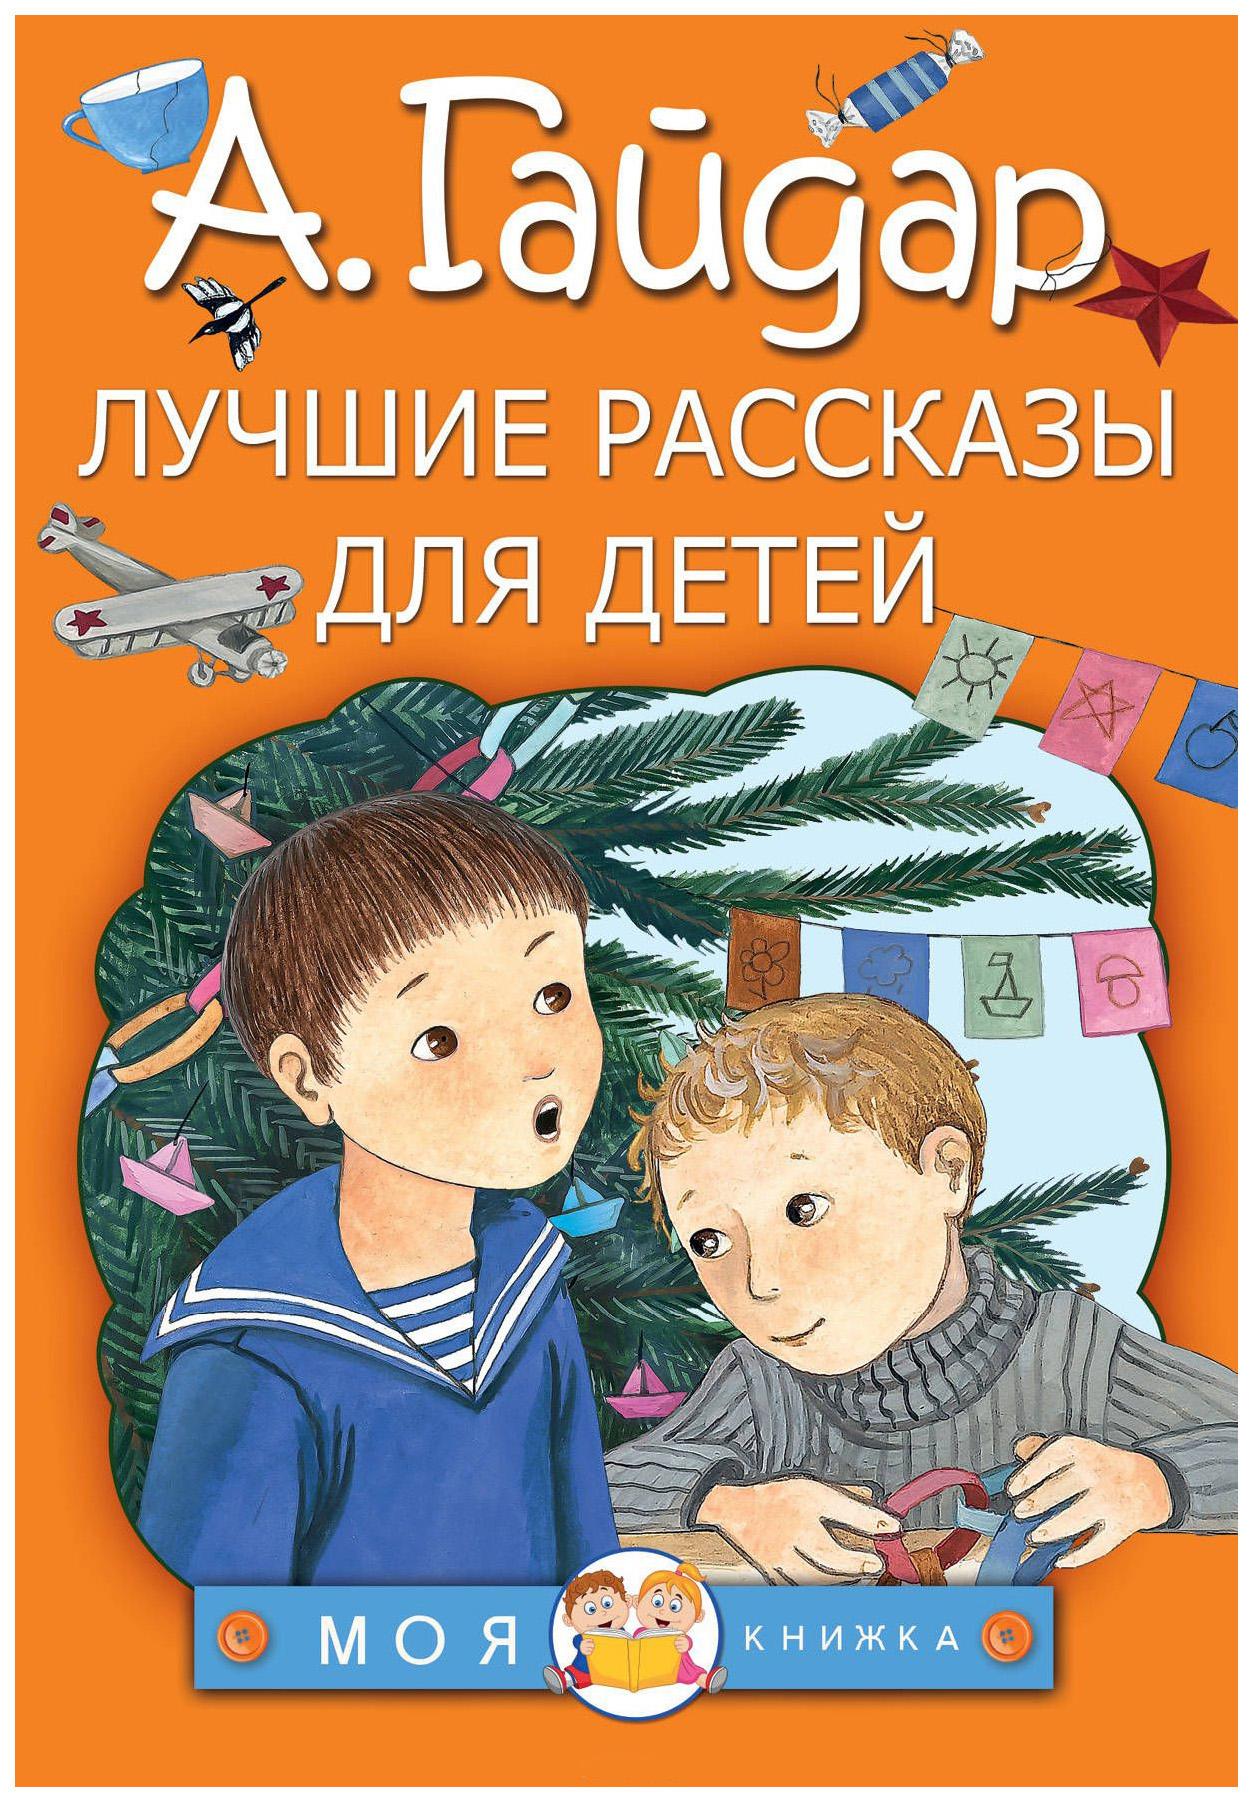 Купить Книга Аст Гайдар А. лучшие Рассказы для Детей, АСТ, Рассказы и повести